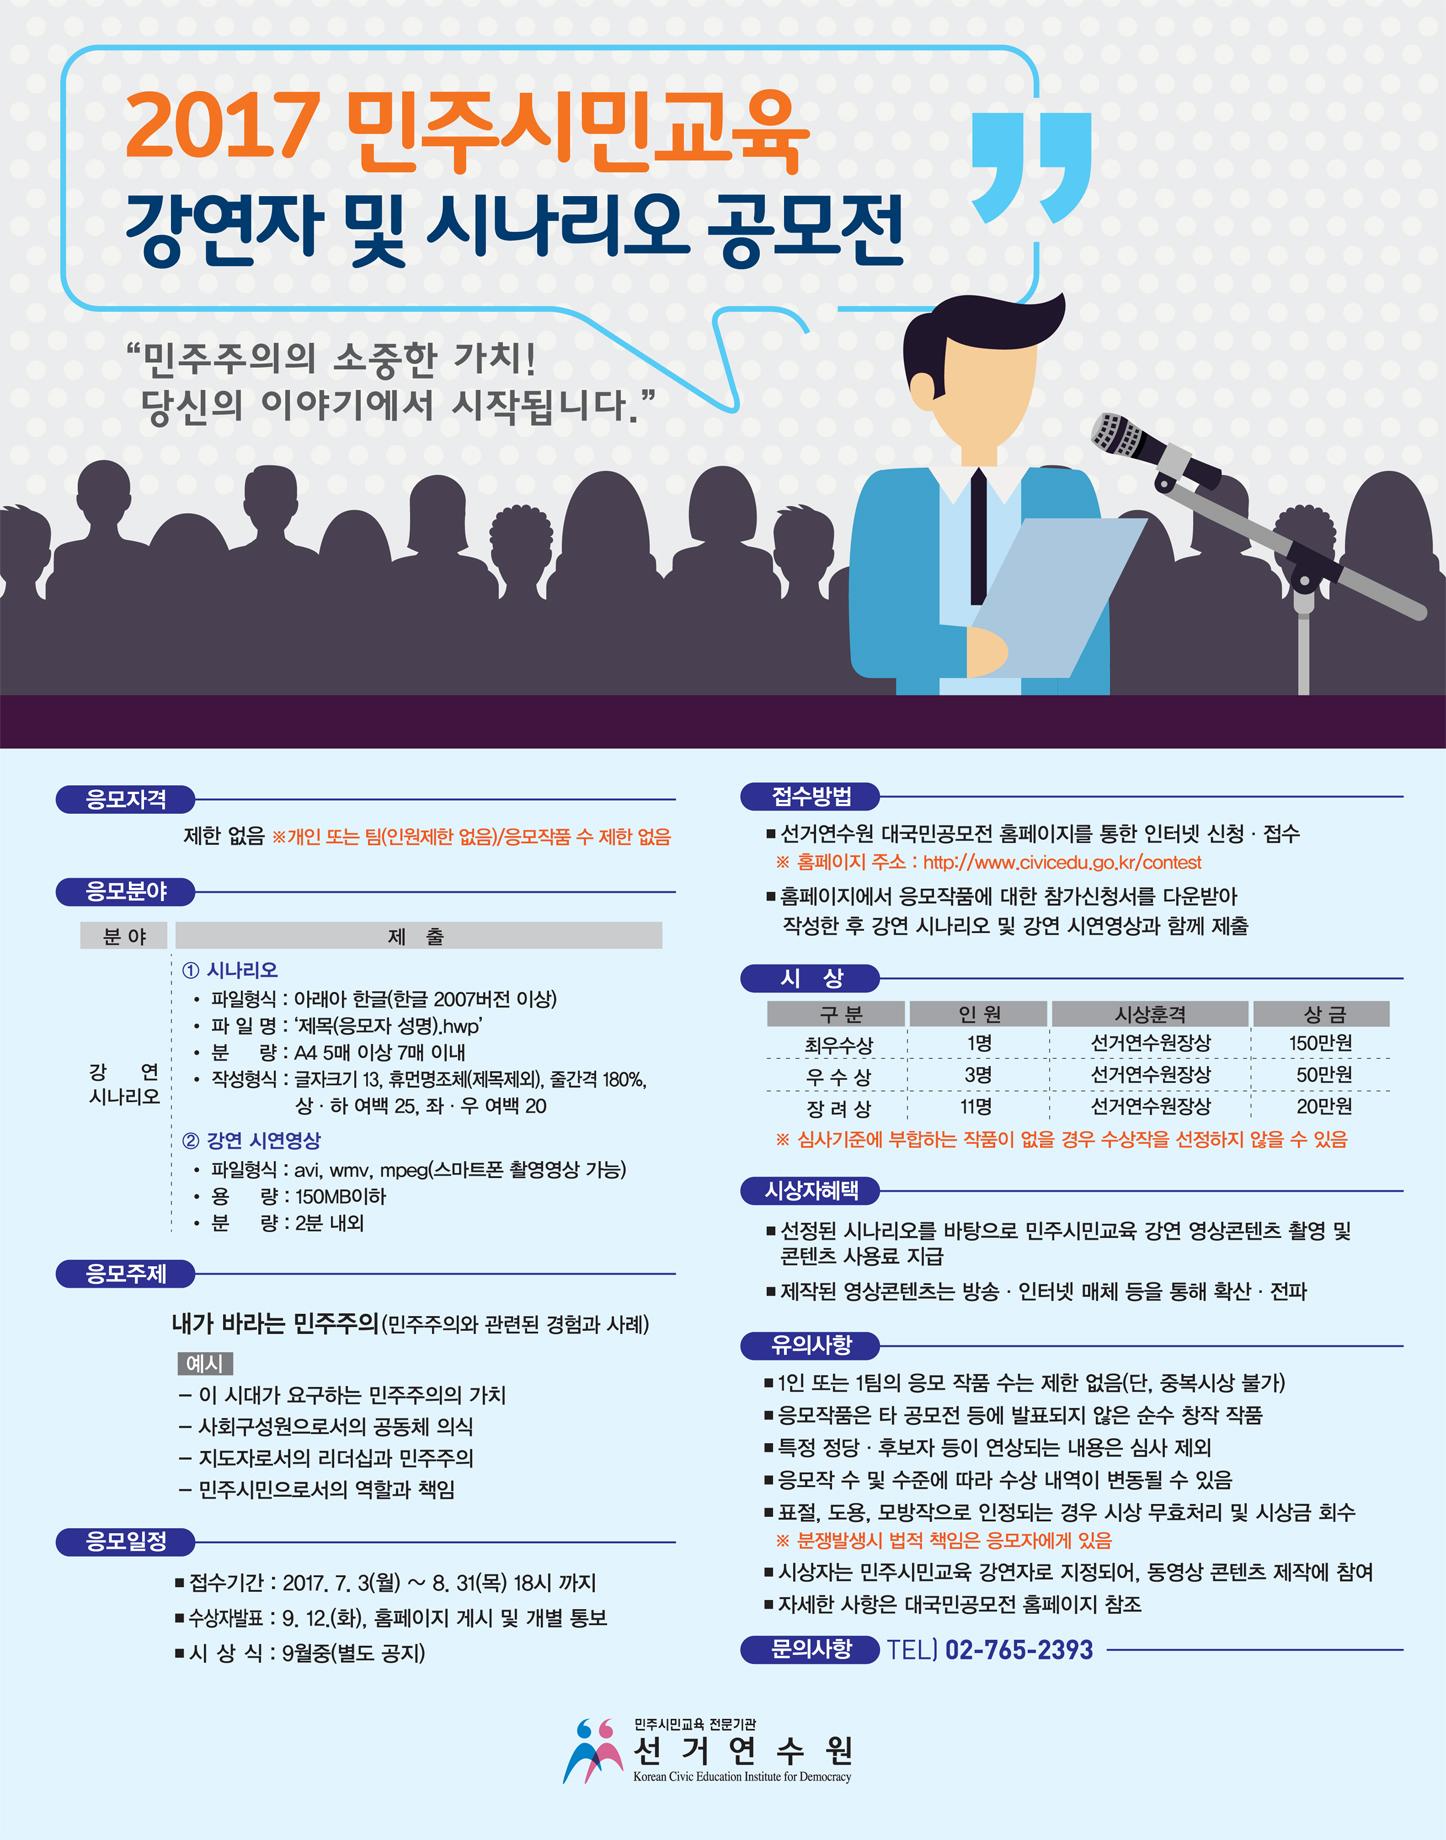 2017 민주시민교육 강연자 및 시나리오 공모전 안내 포스터